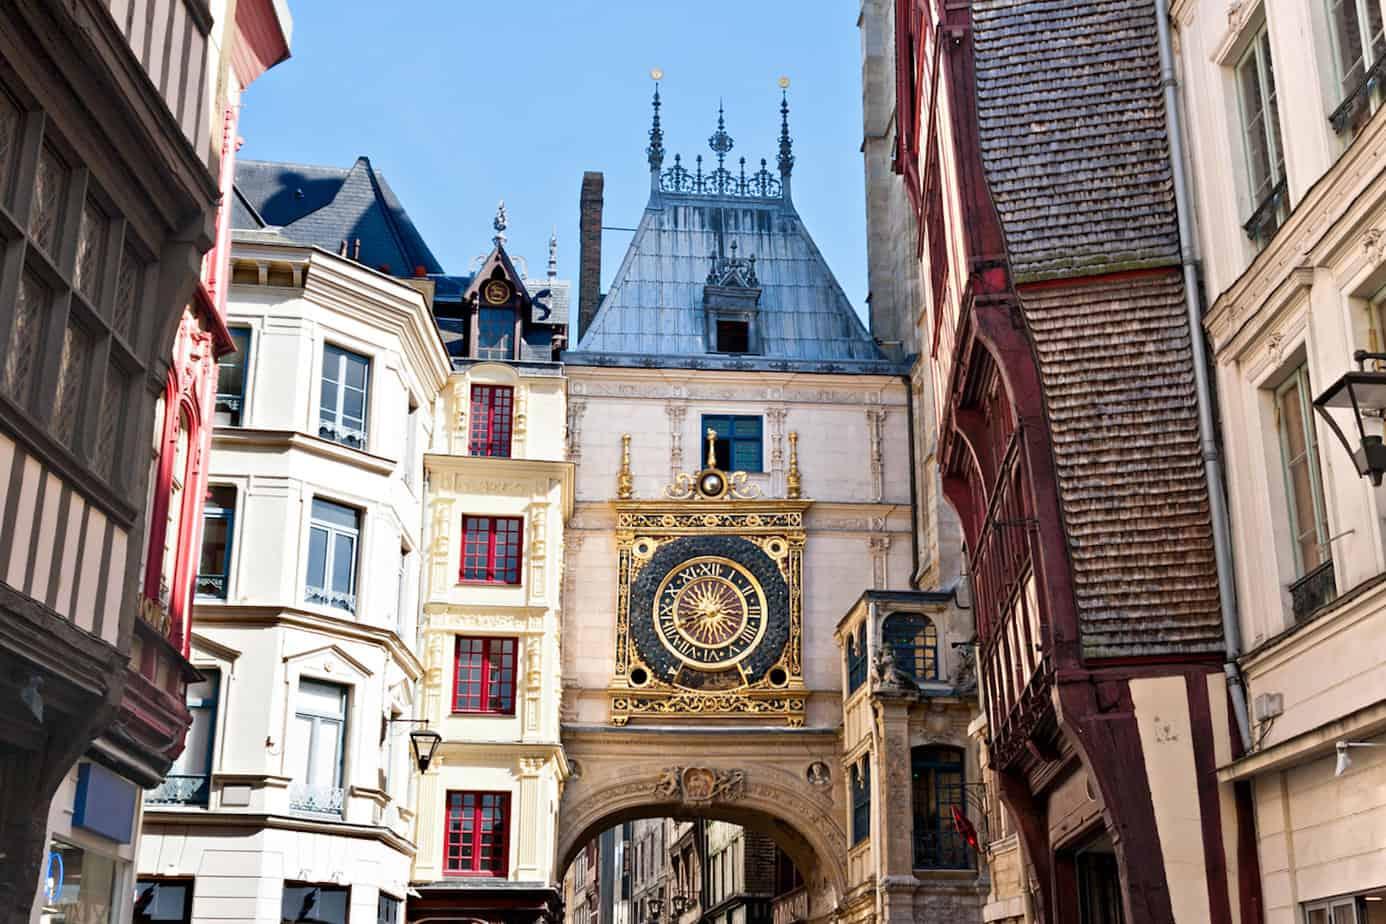 Het stadje Rouen